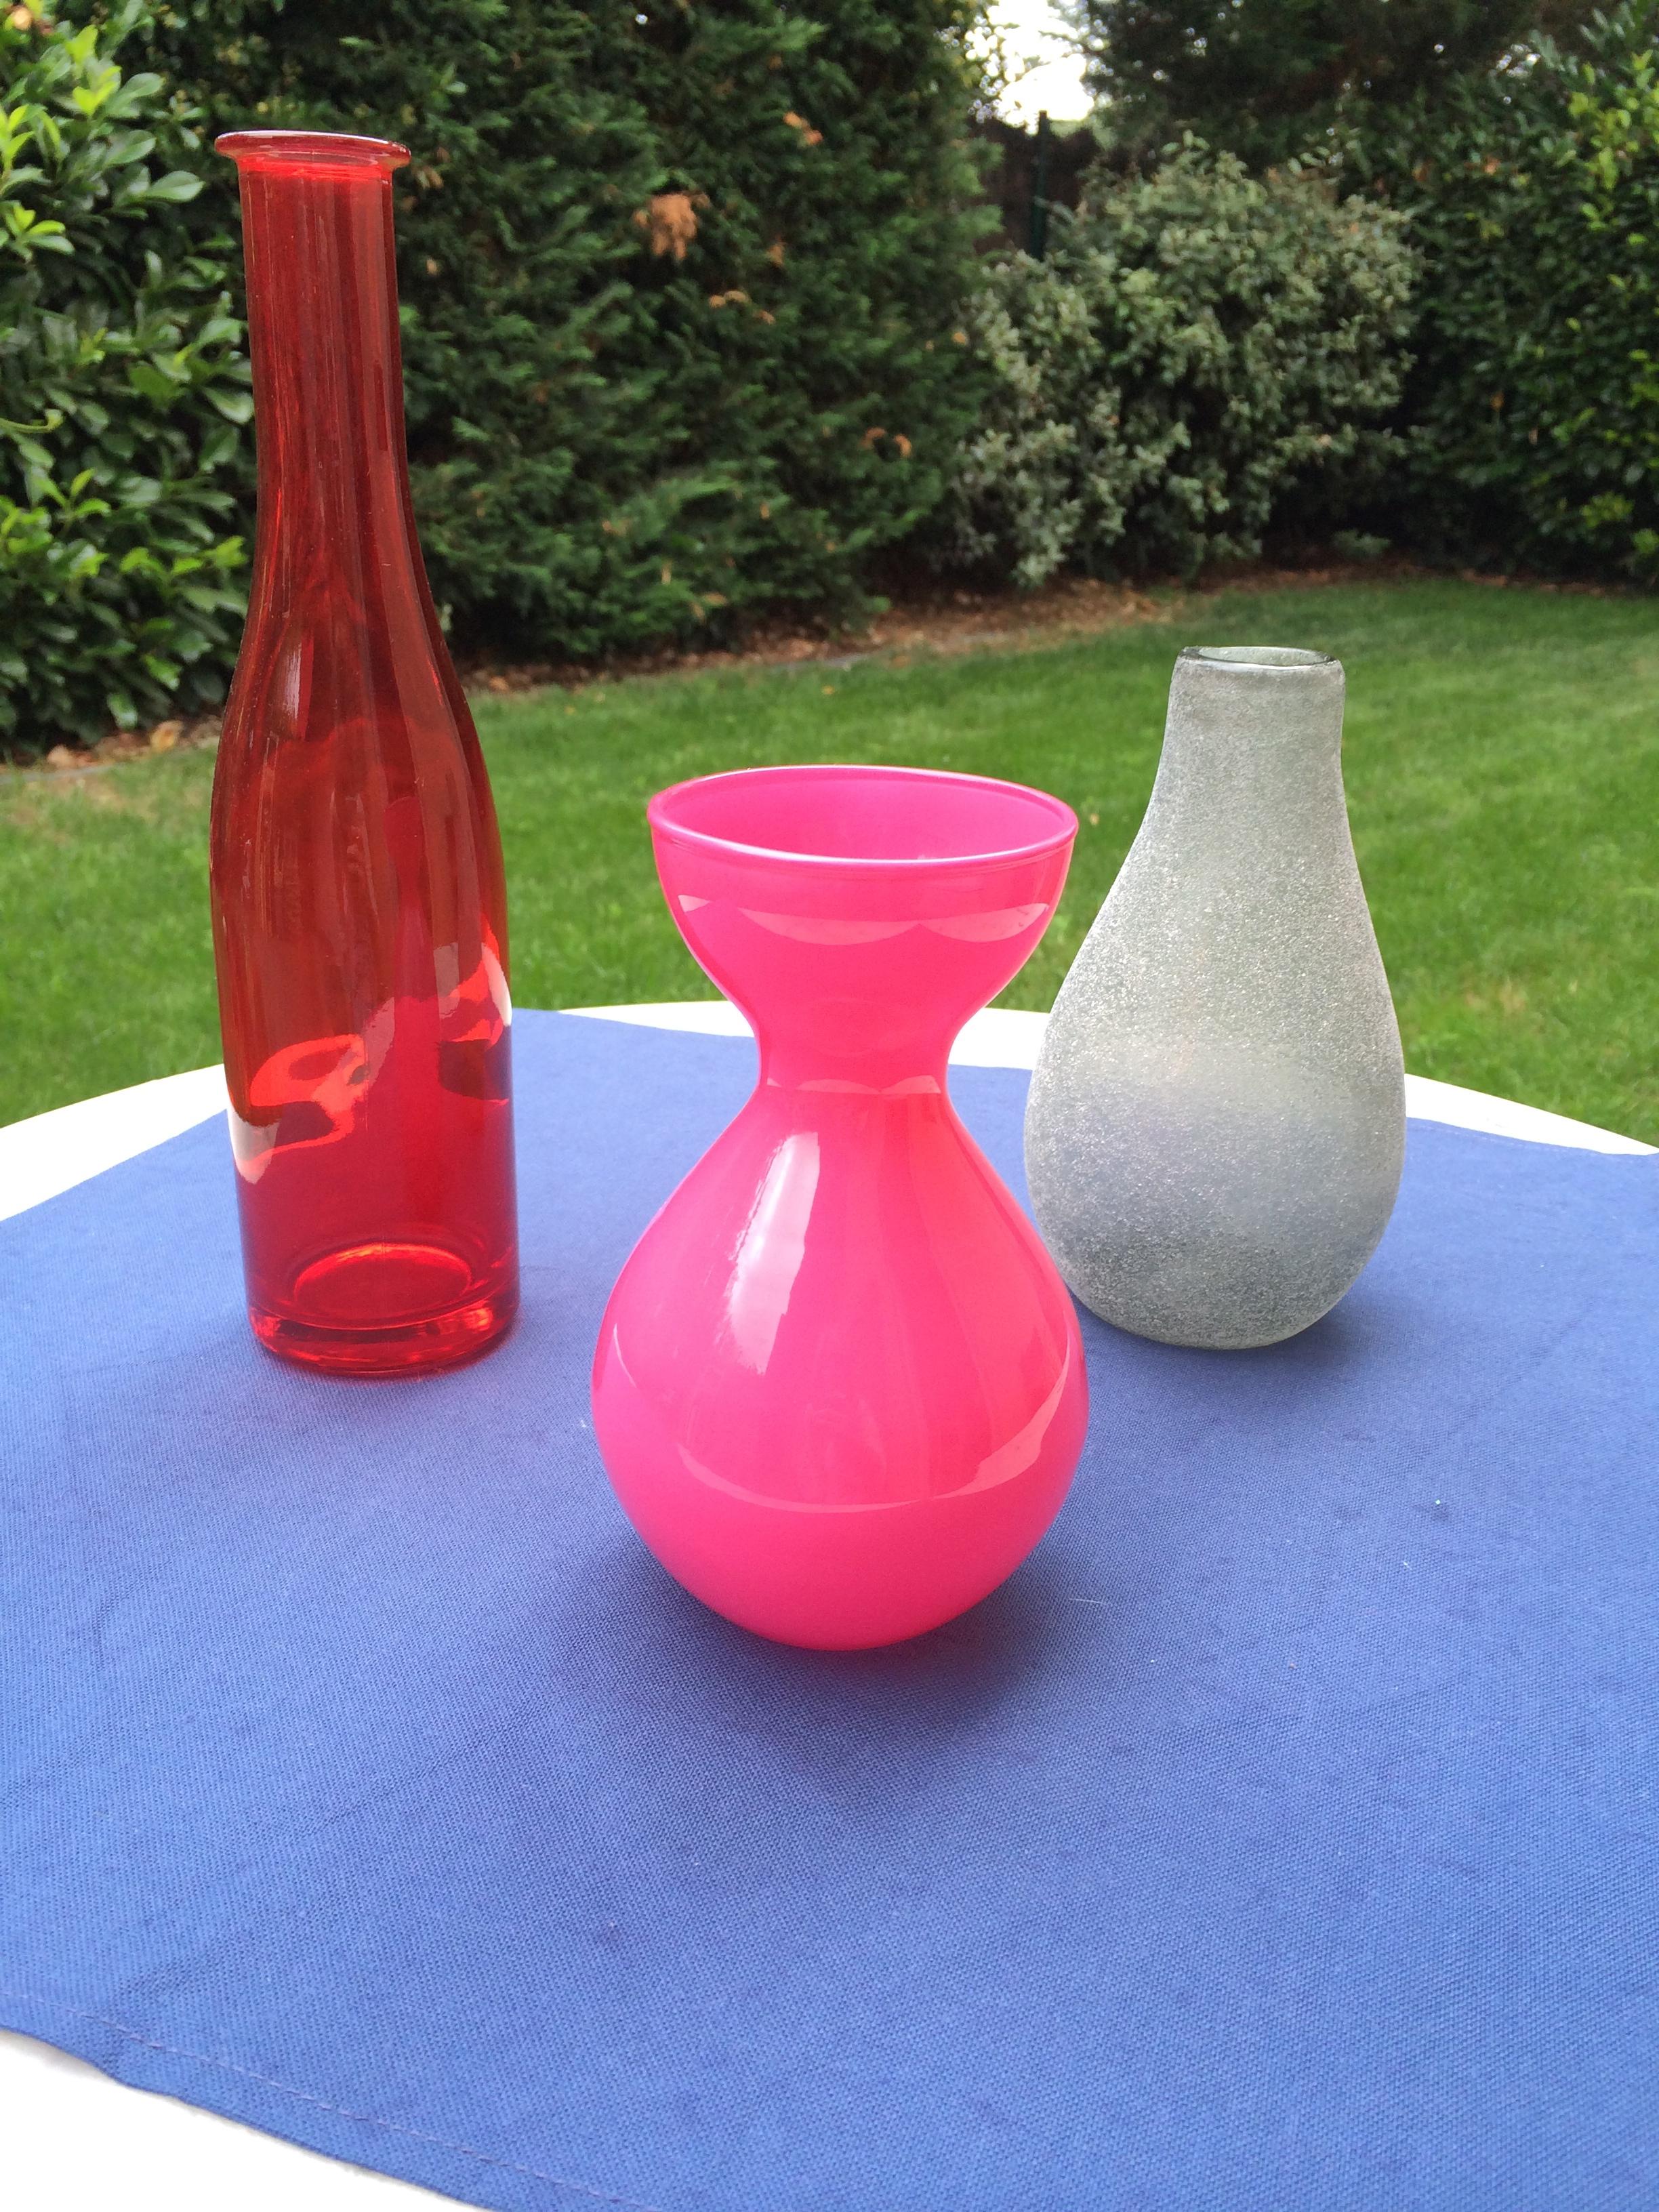 3 petits vases de couleur